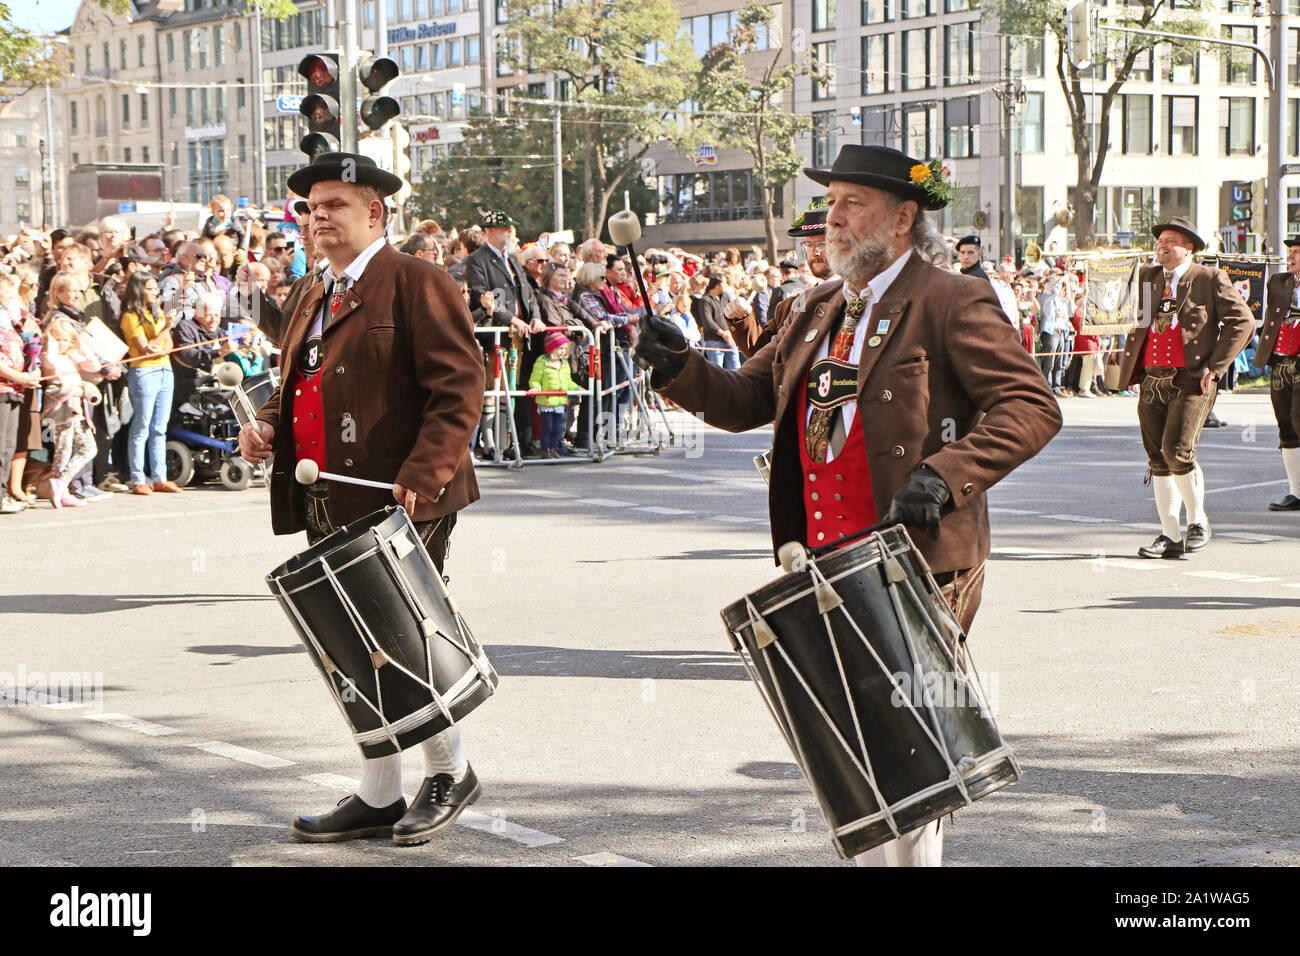 München, Deutschland - 22. SEPTEMBER 2019 Grand Eintrag des Oktoberfestes Vermieter und Brauereien, festliche Parade des prachtvollen gestalteten Wagen und Verbot Stockfoto